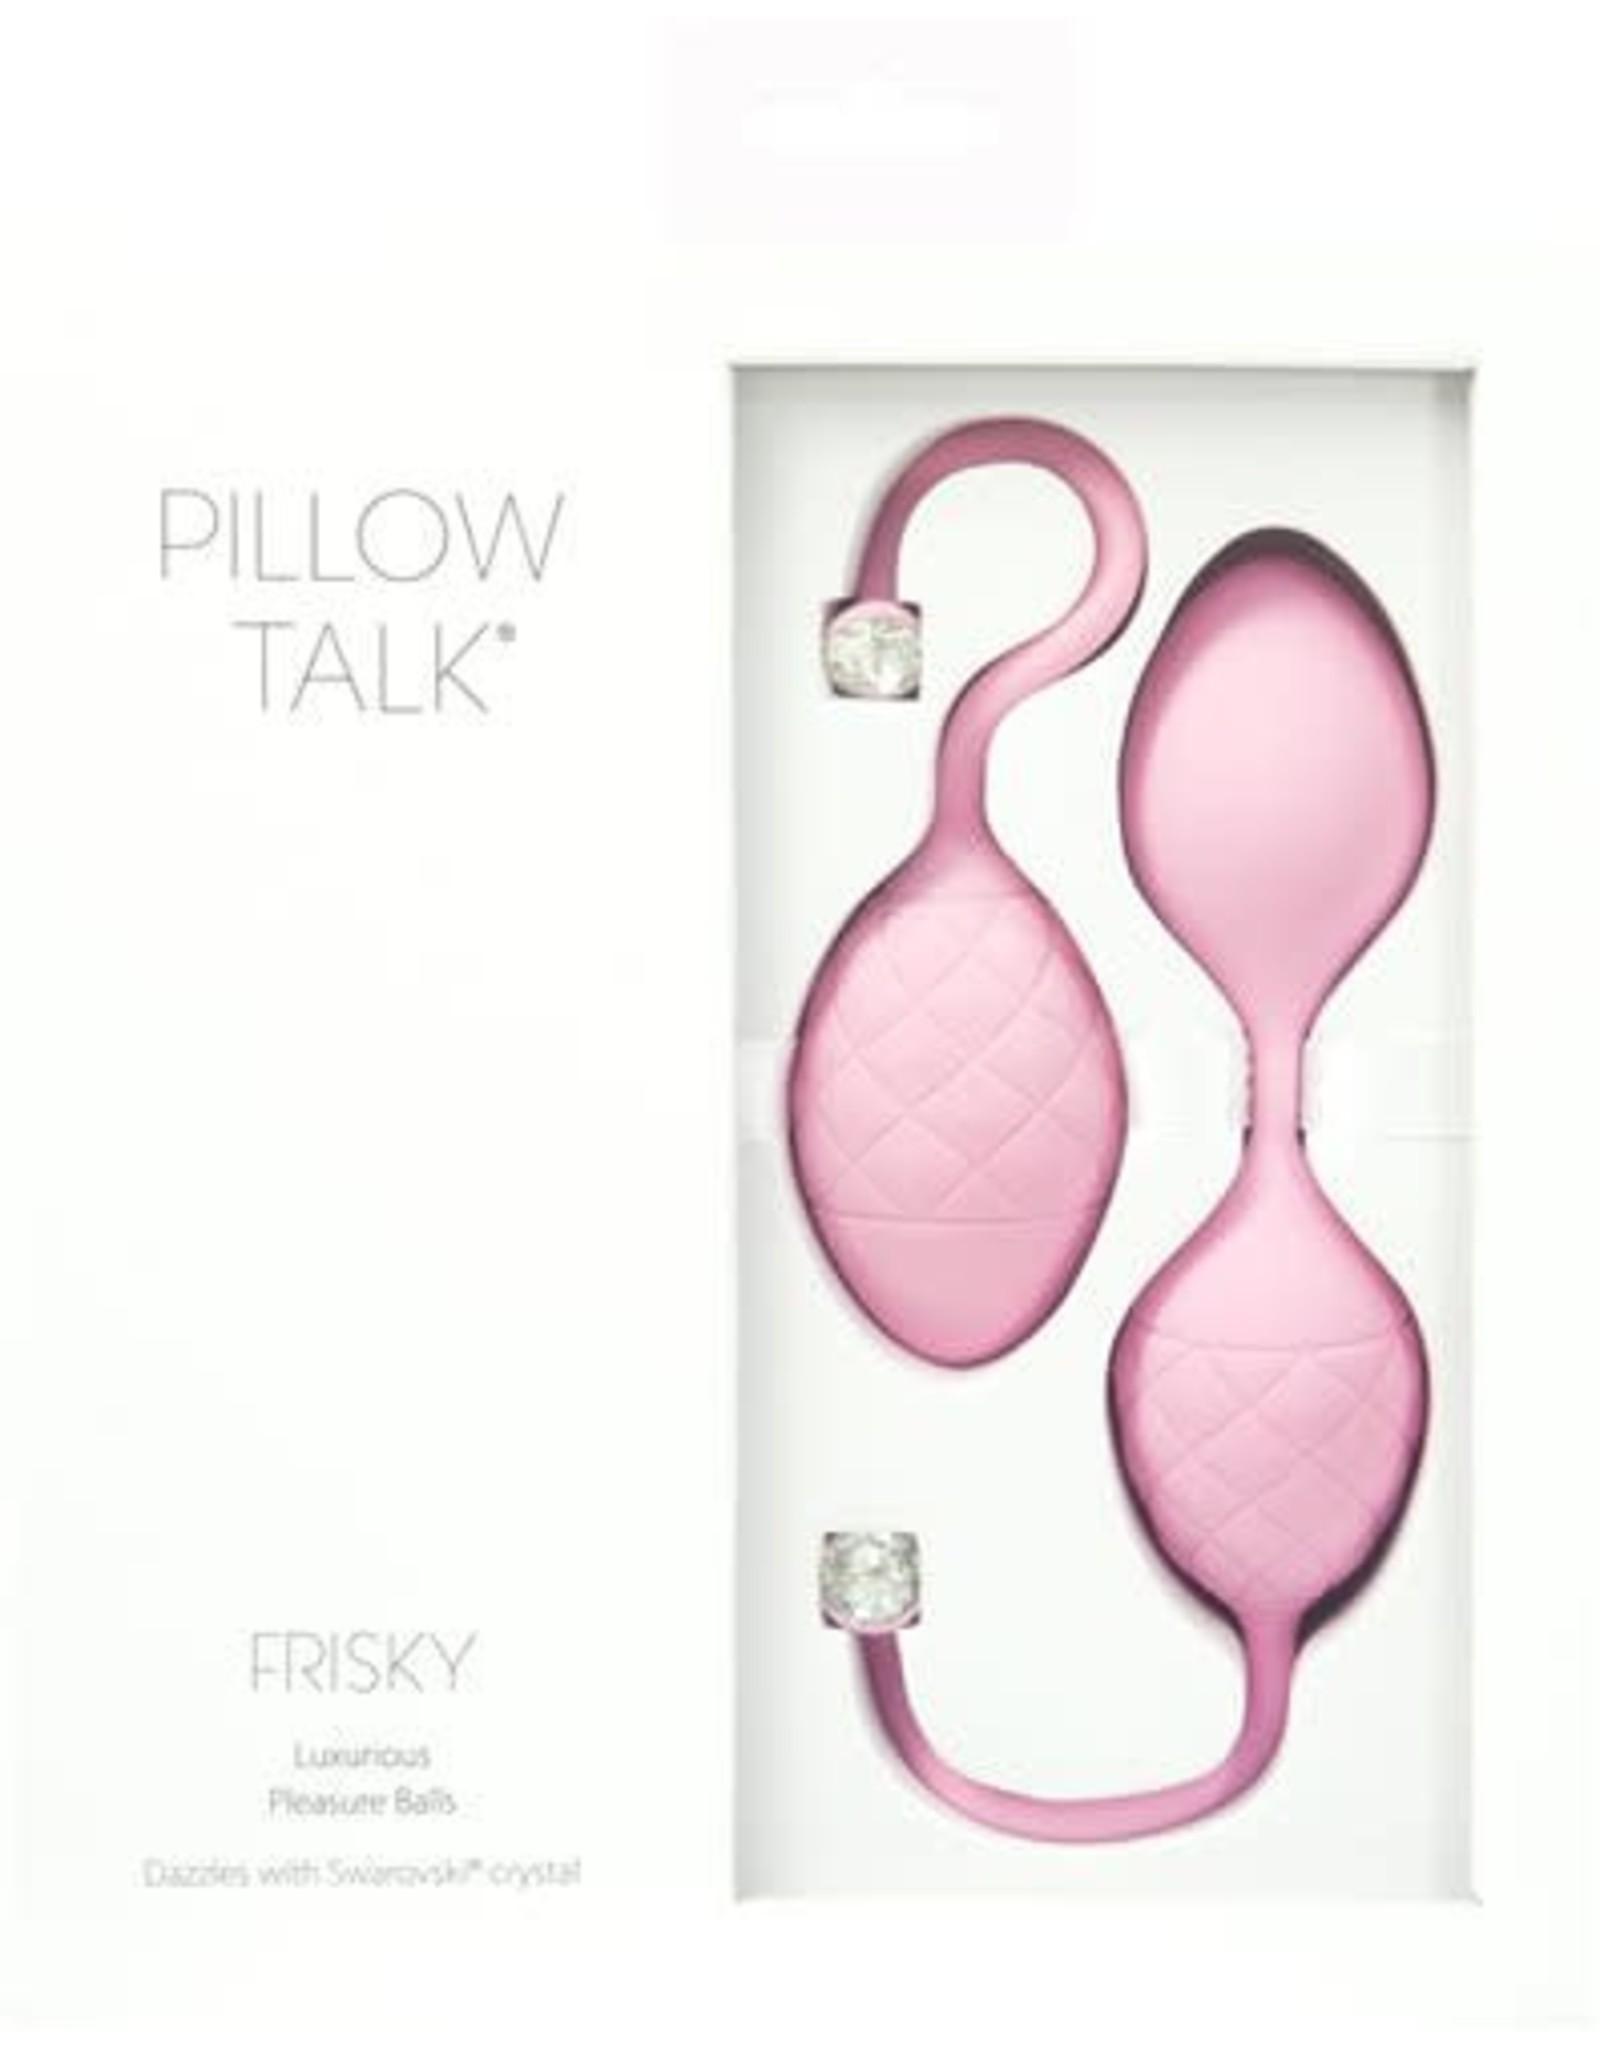 Pillow Talk Pillow Talk Frisky Luxurious Pleasure Balls (pink)